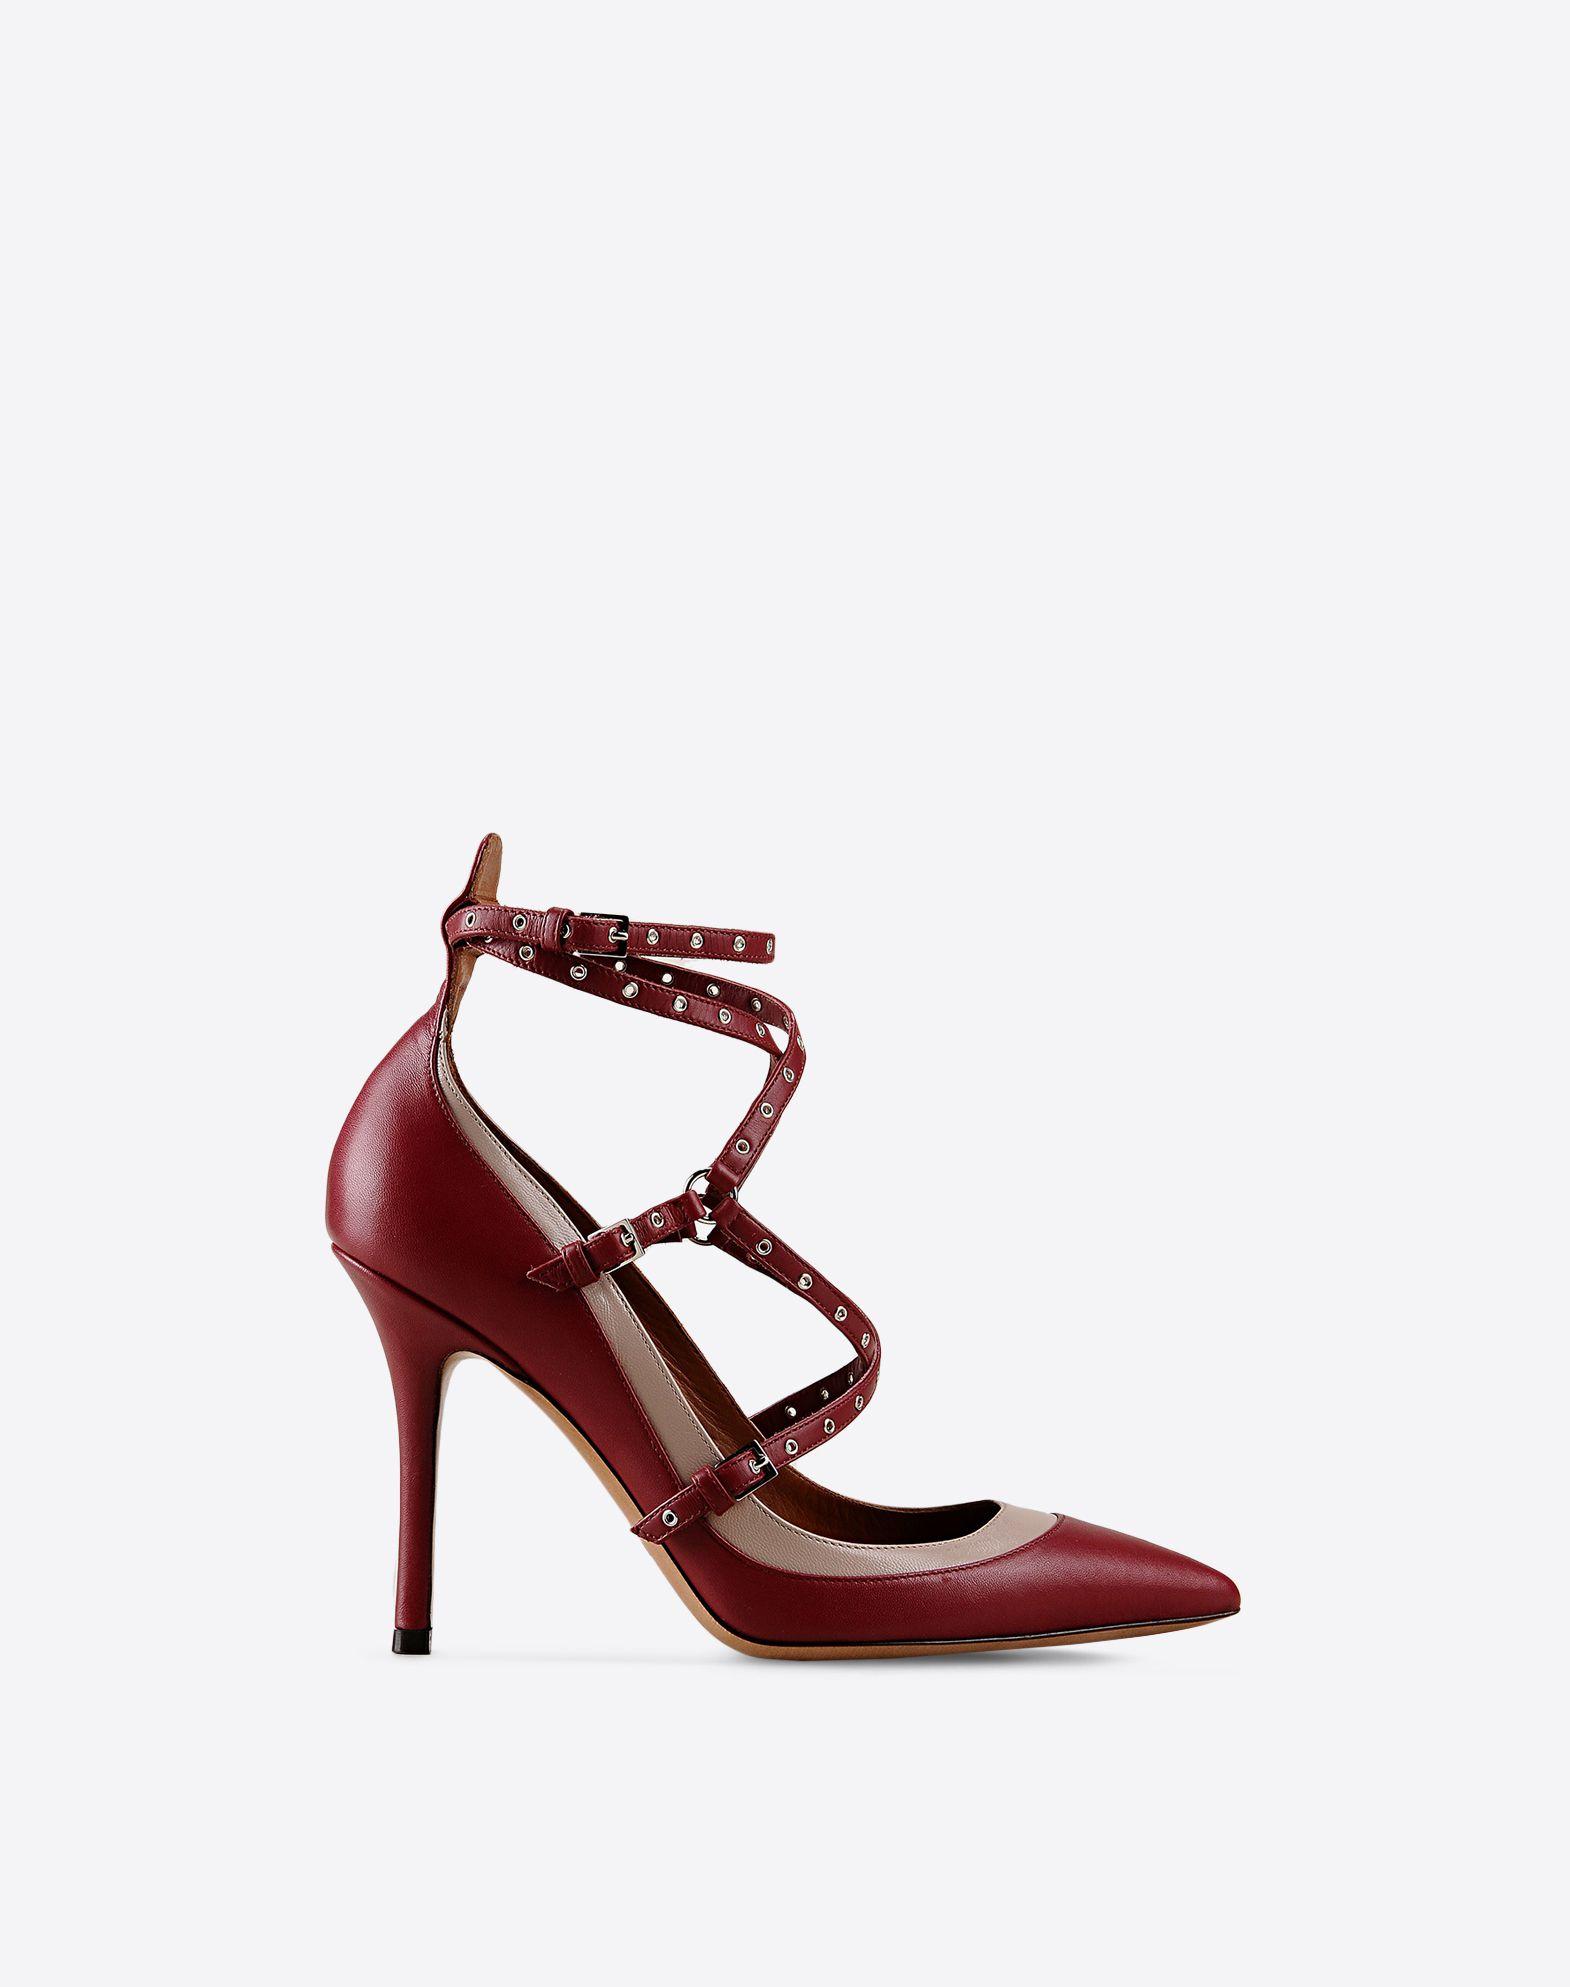 Delle Eredi Valentino Scarpe it Shoeplay Le Rockstud Presenta wIIPntFqZ